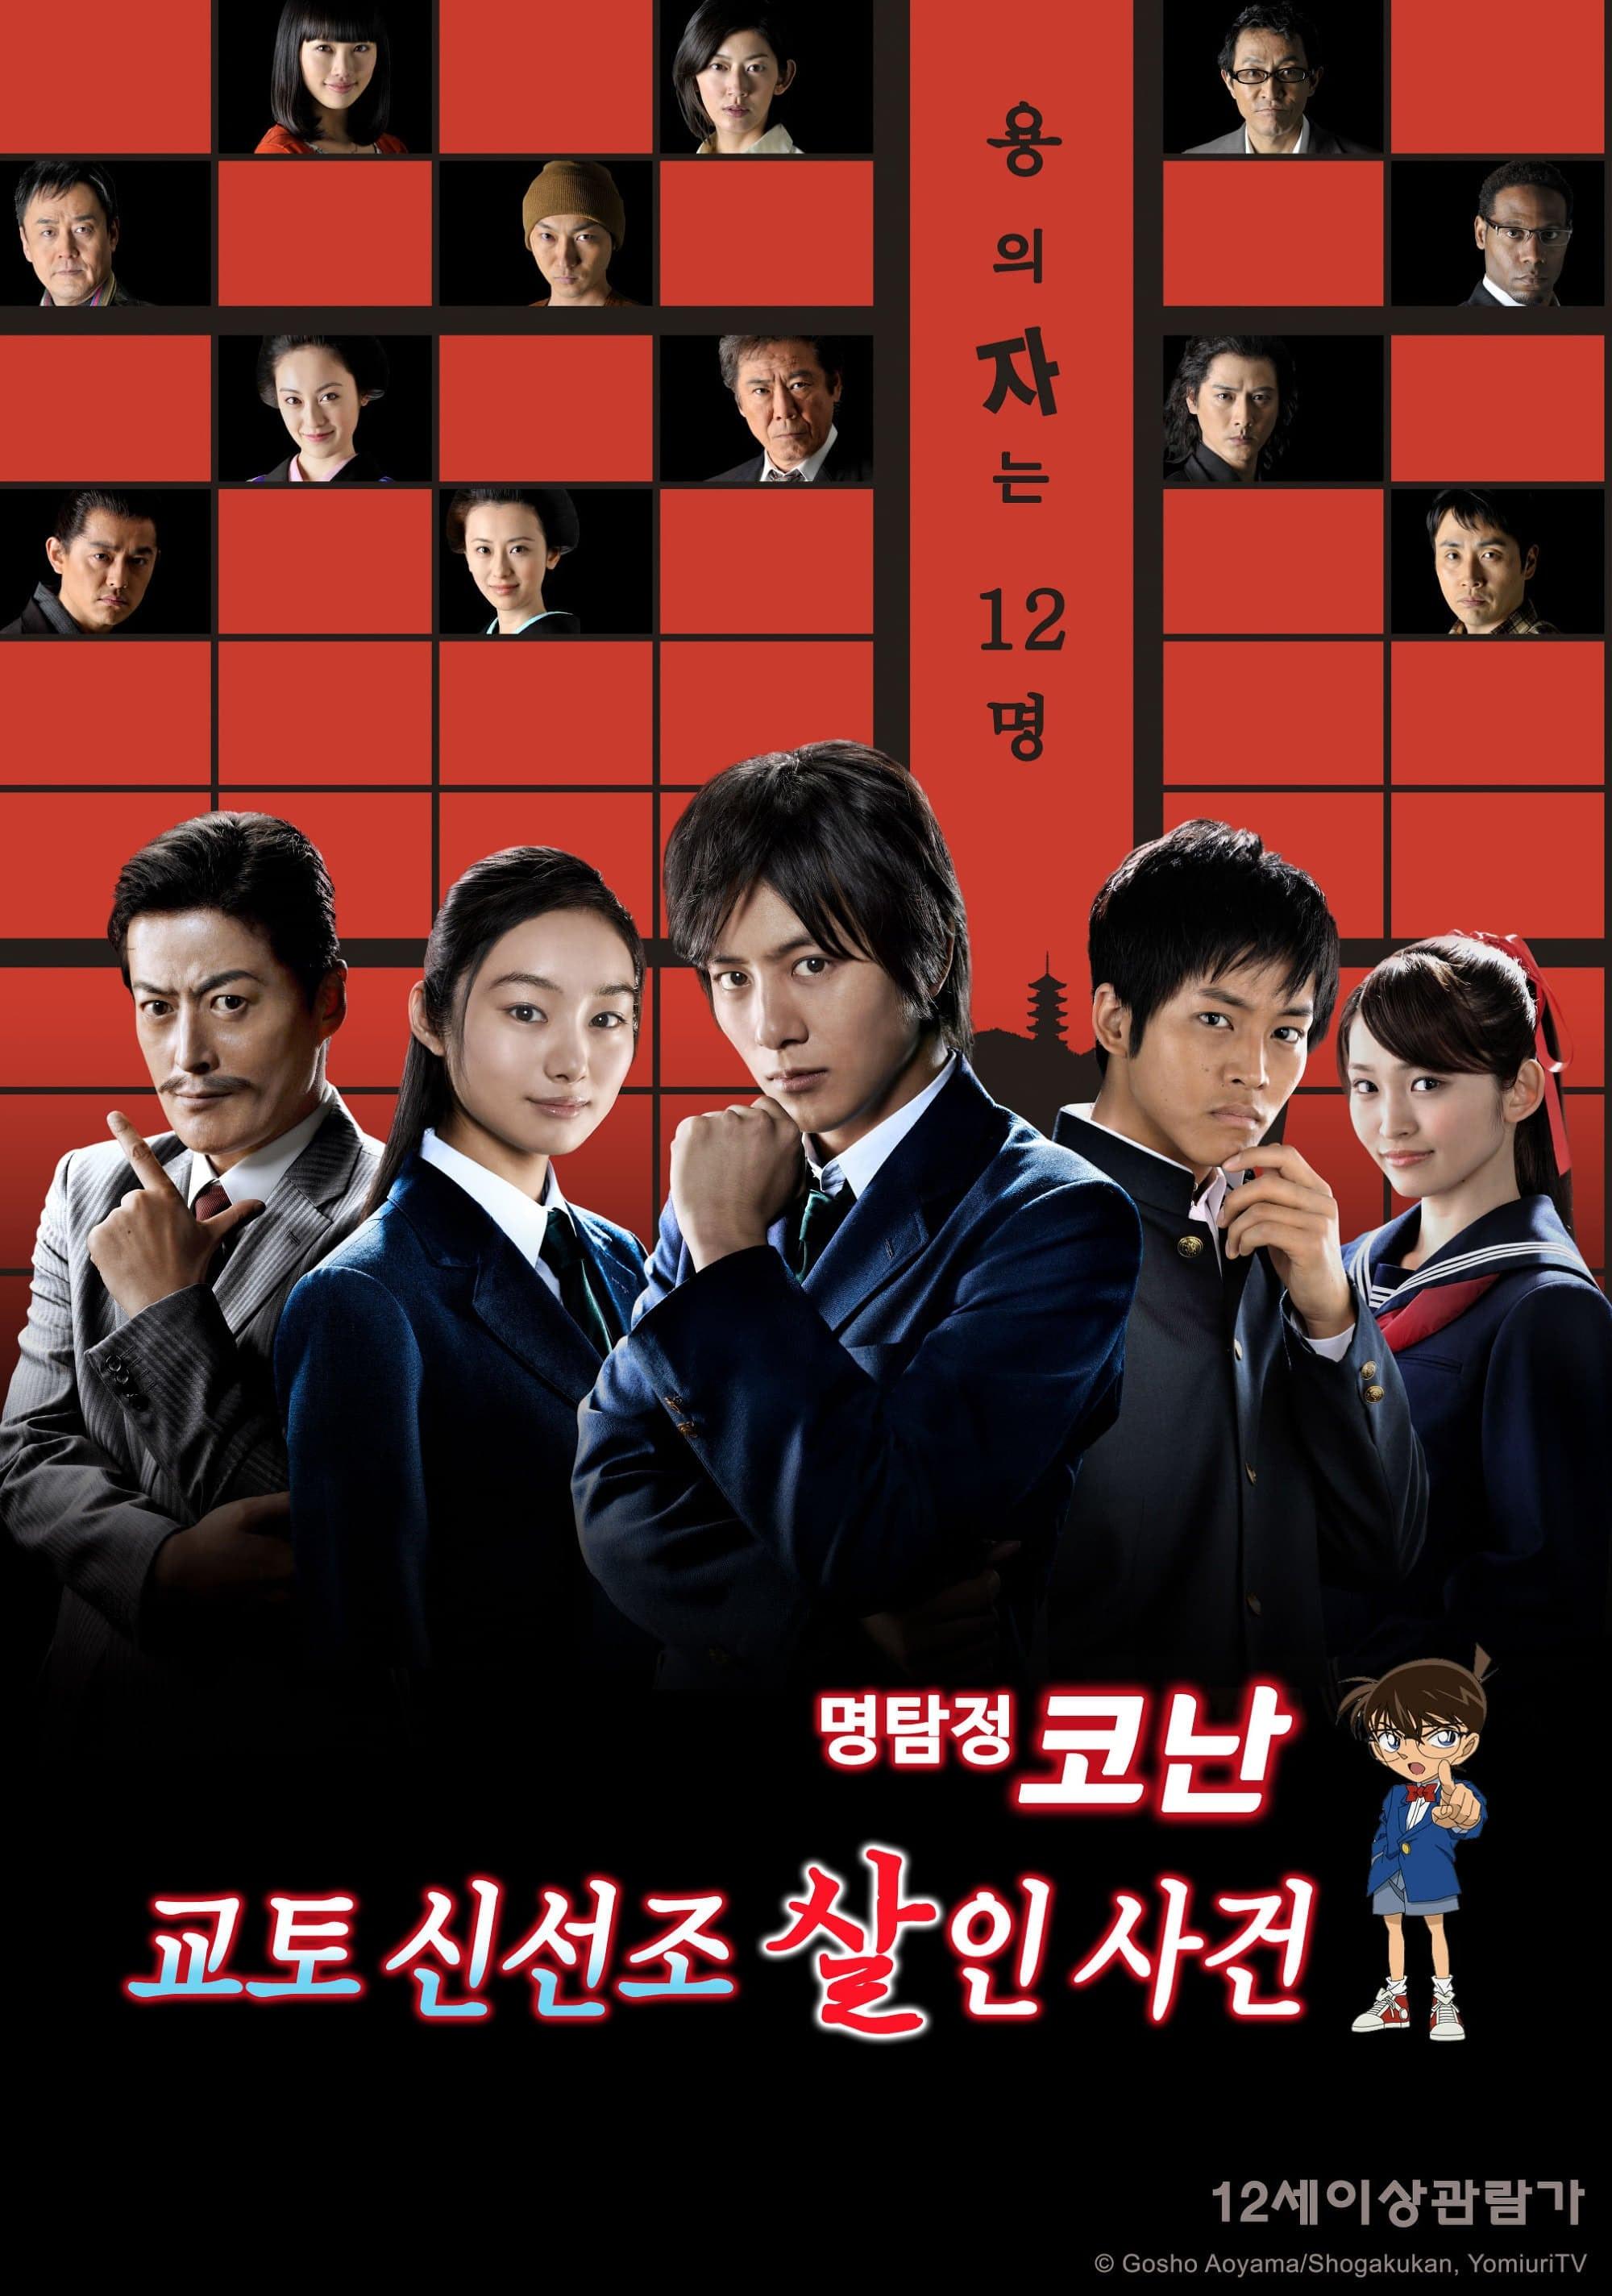 Detective Conan: Shinichi Kudo and the Kyoto Shinsengumi Murder Case